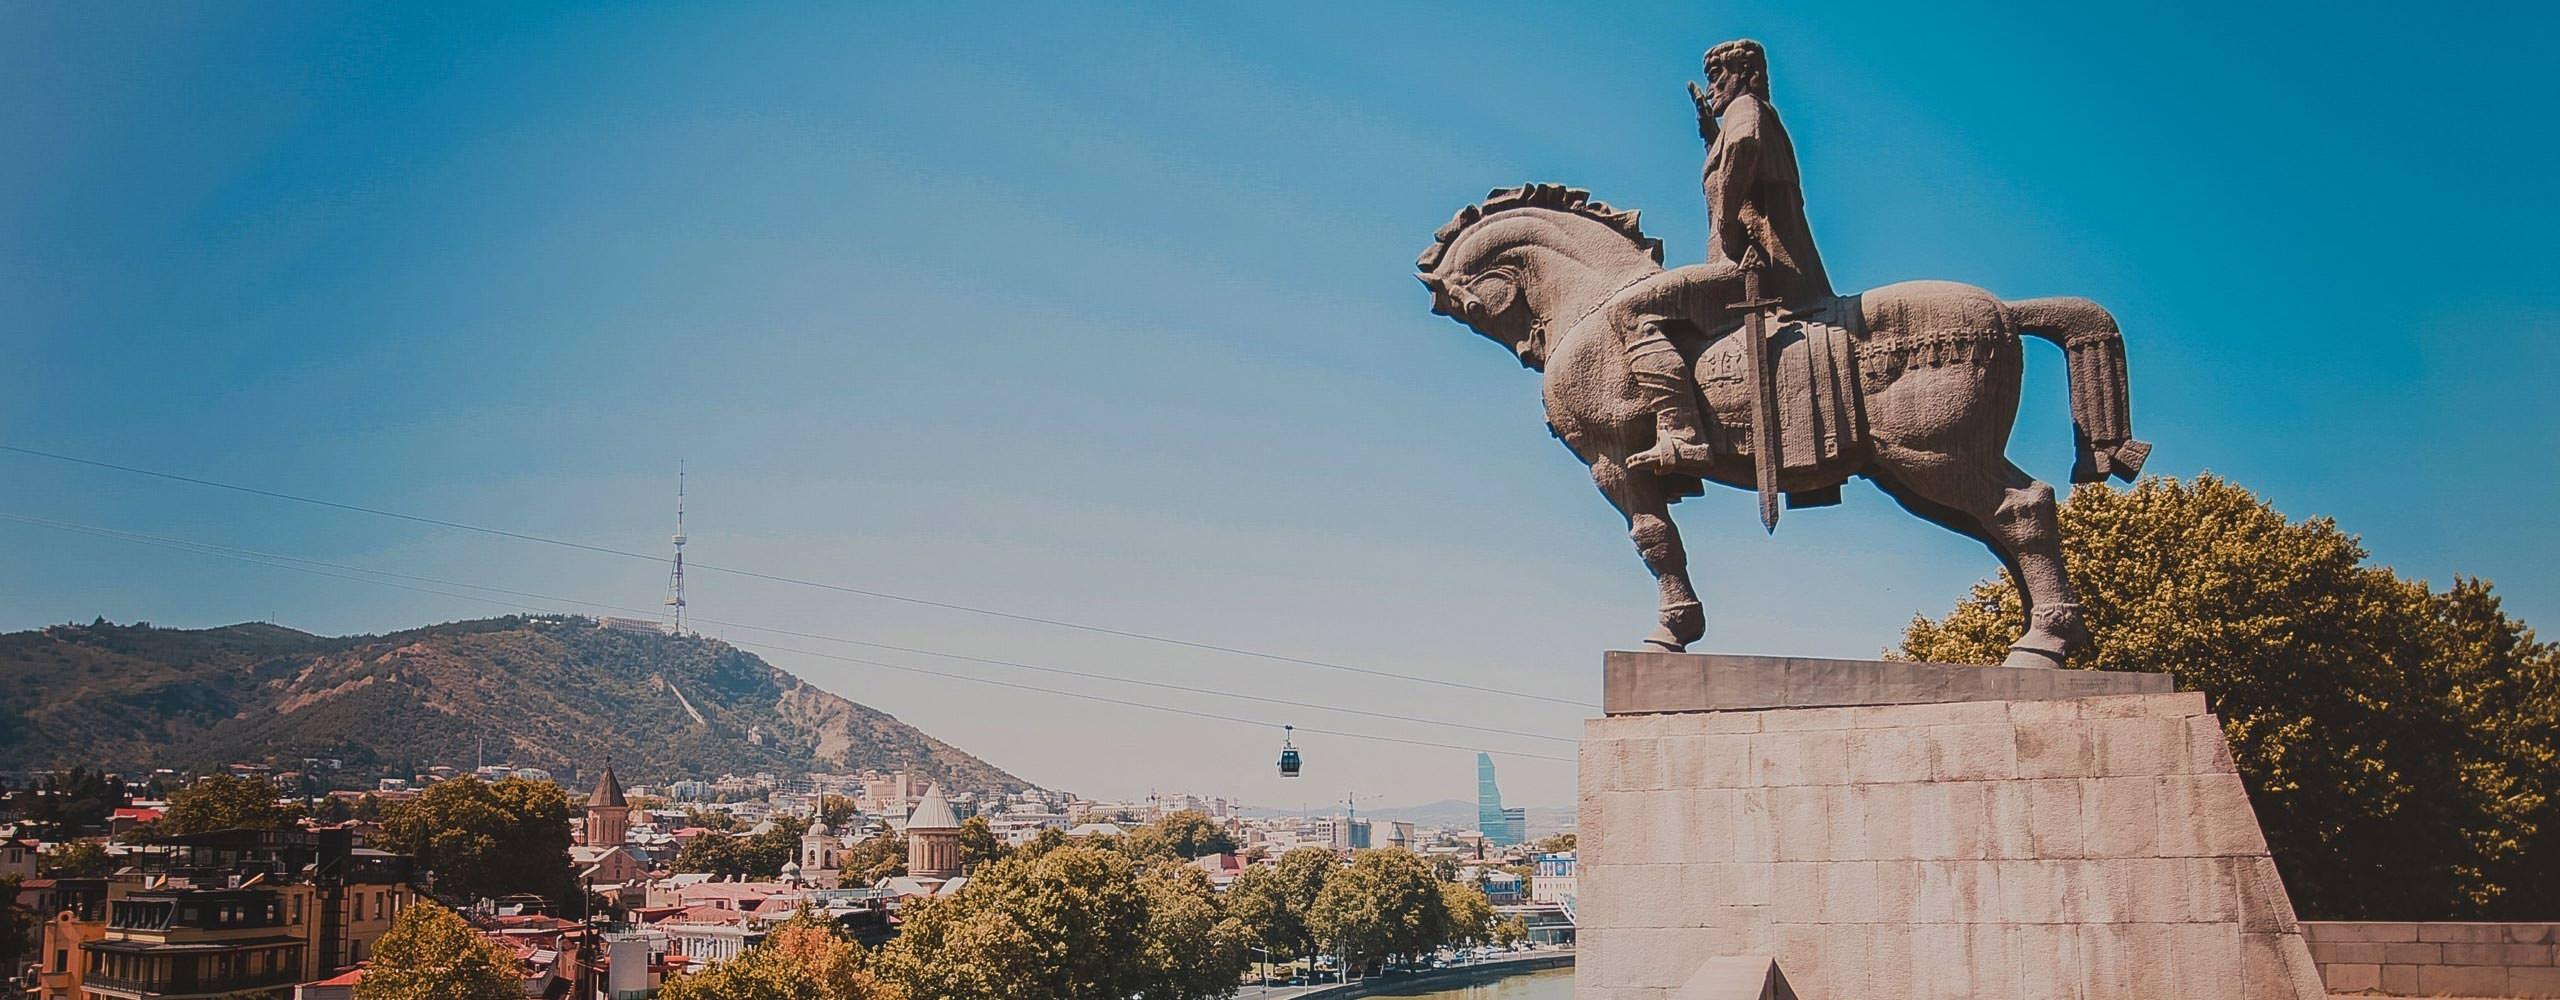 טביליסי - בירת גאורגיה